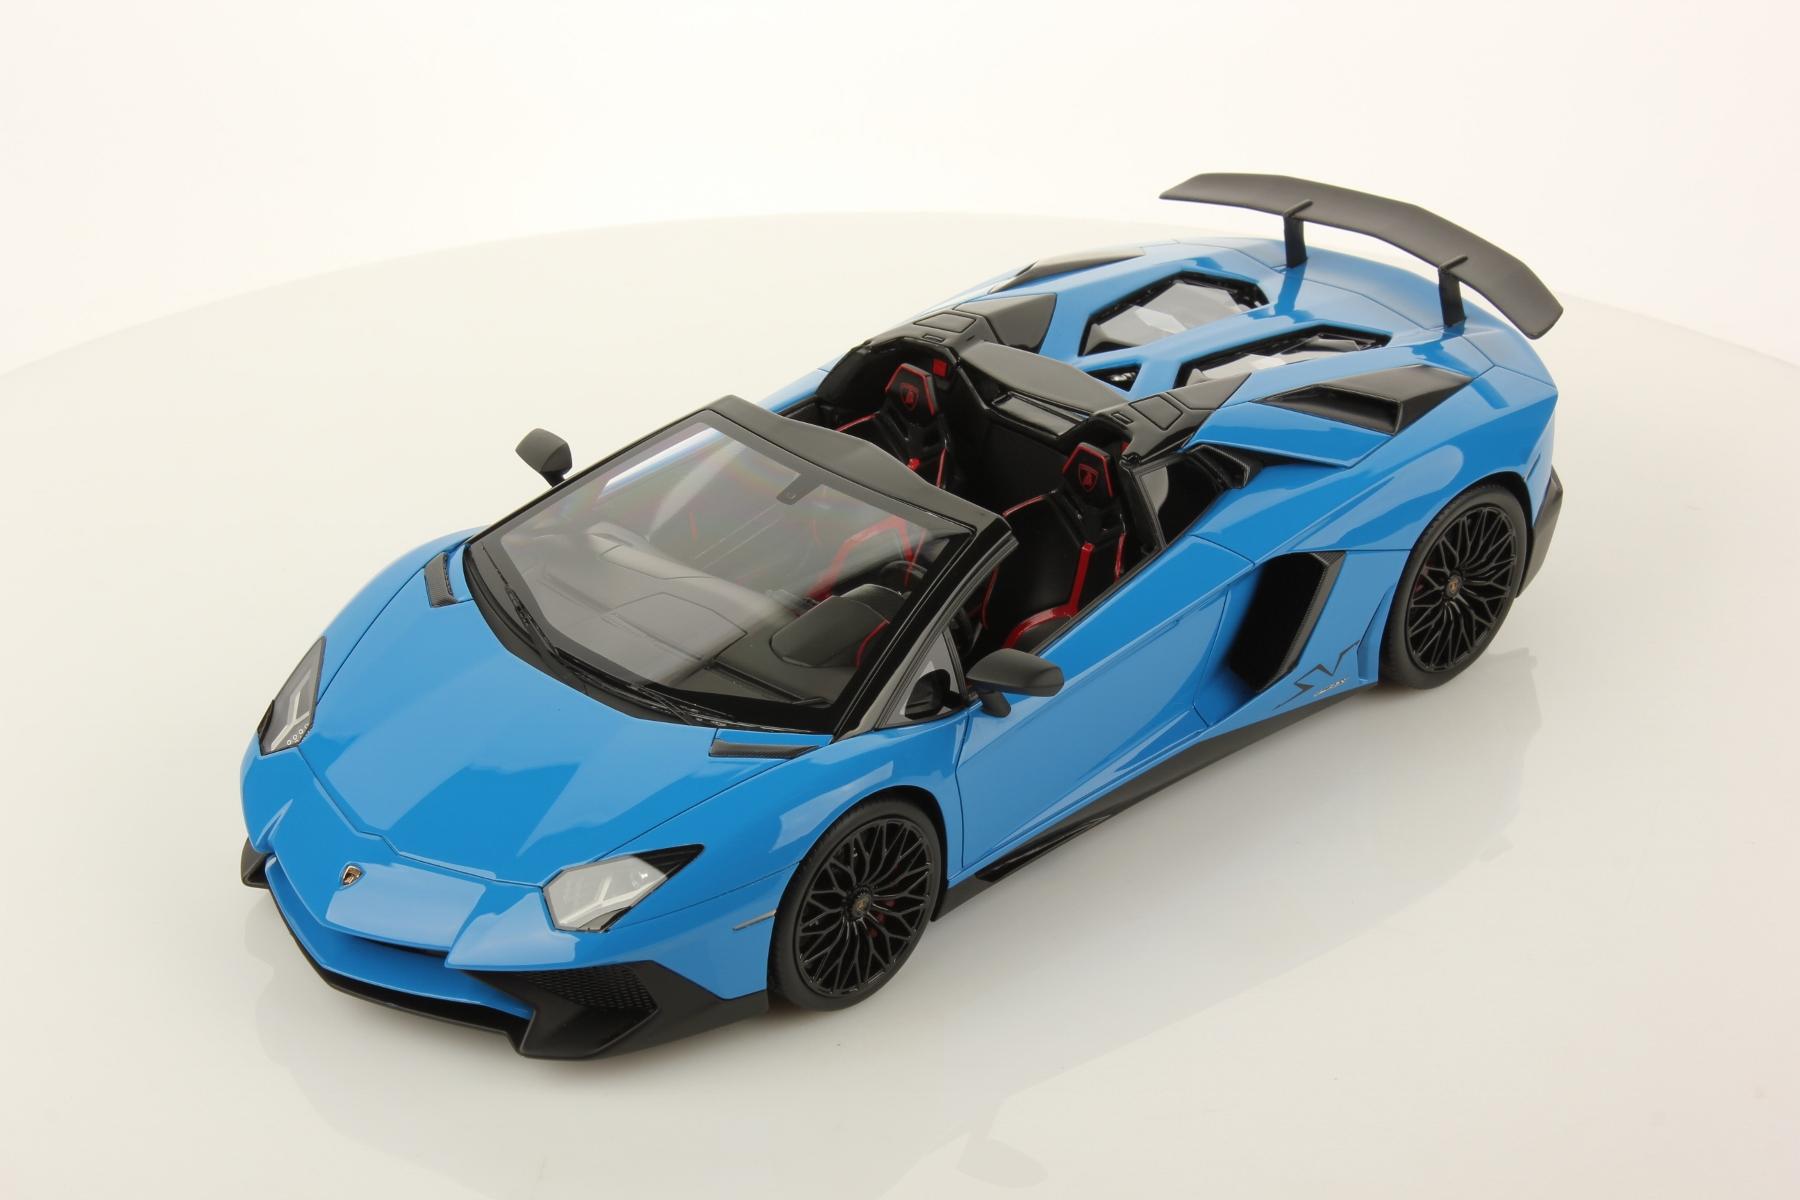 Lamborghini Aventador Lp 750 4 Superveloce Roadster 1 18 Mr